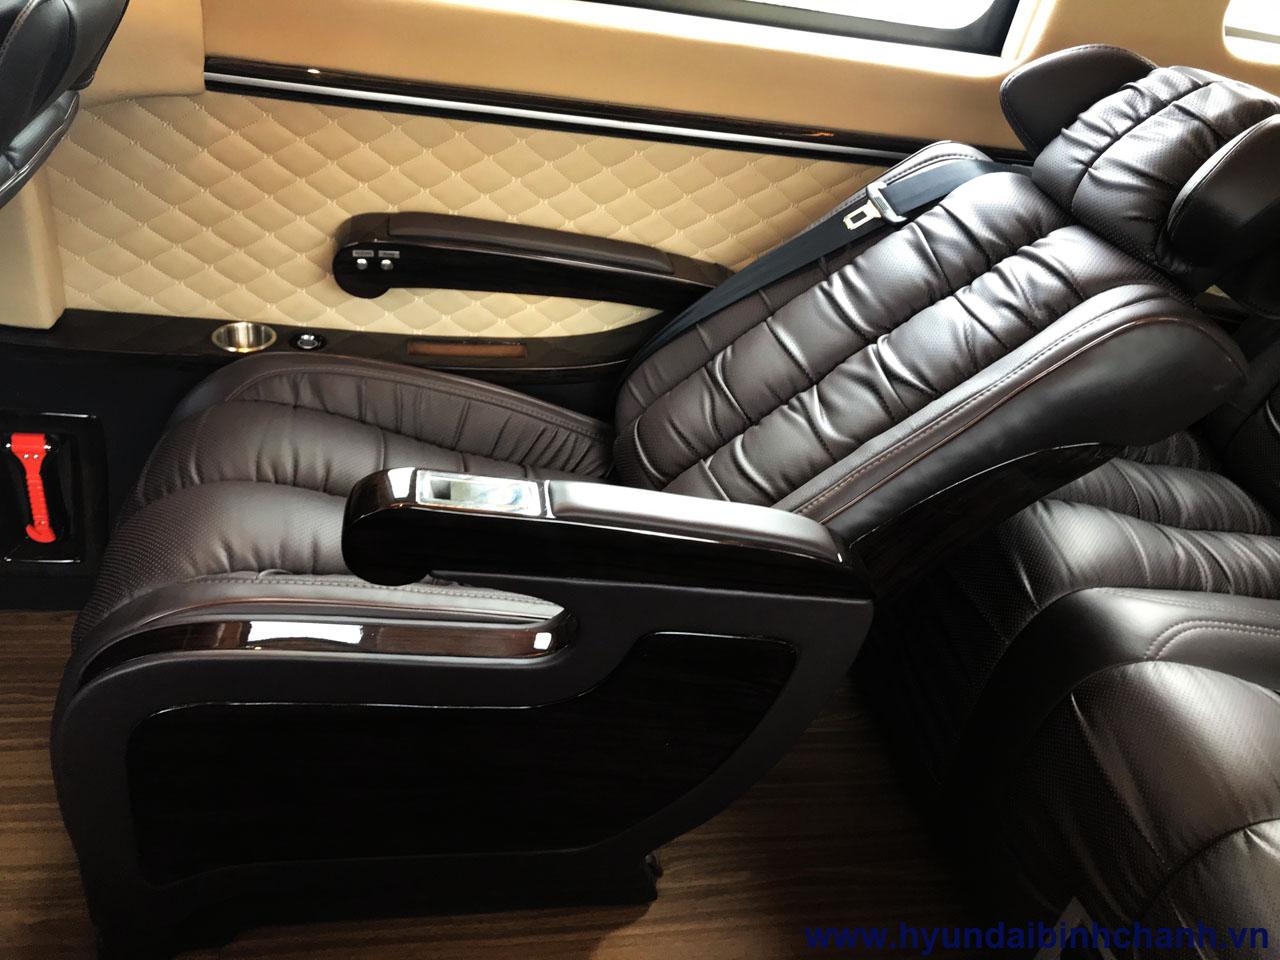 solati-limousine-08.jpg